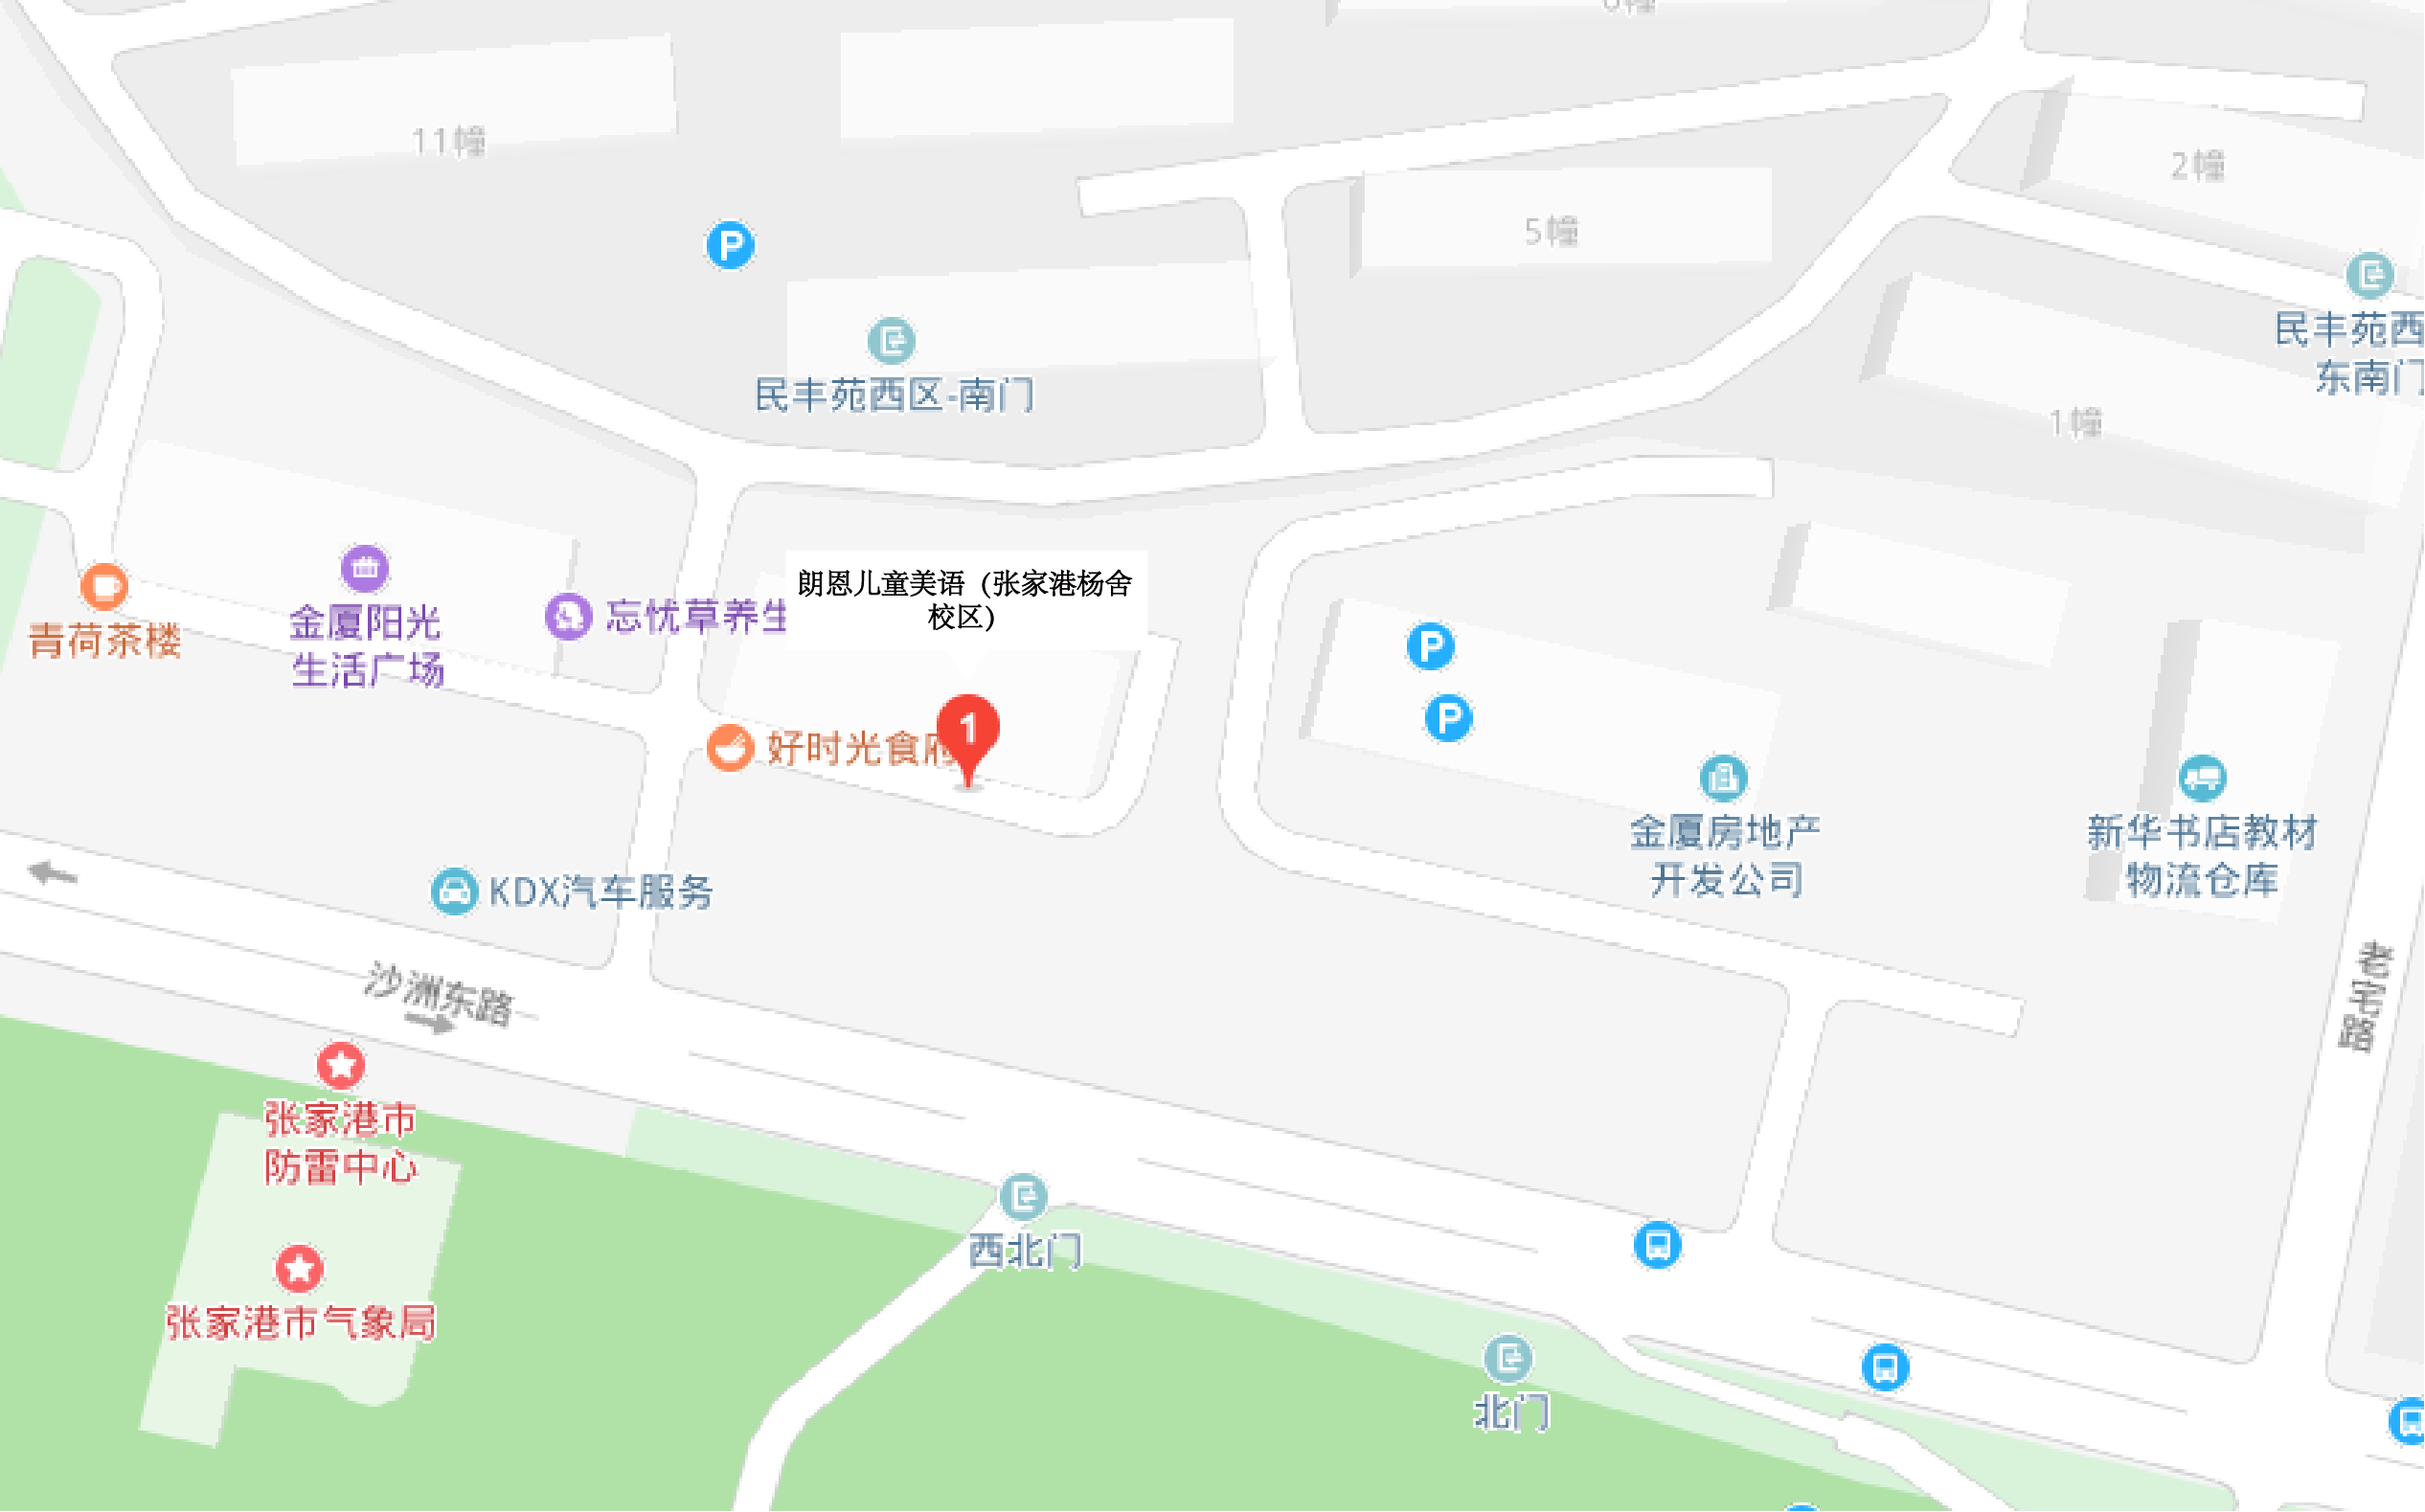 苏州张家港杨舍校区